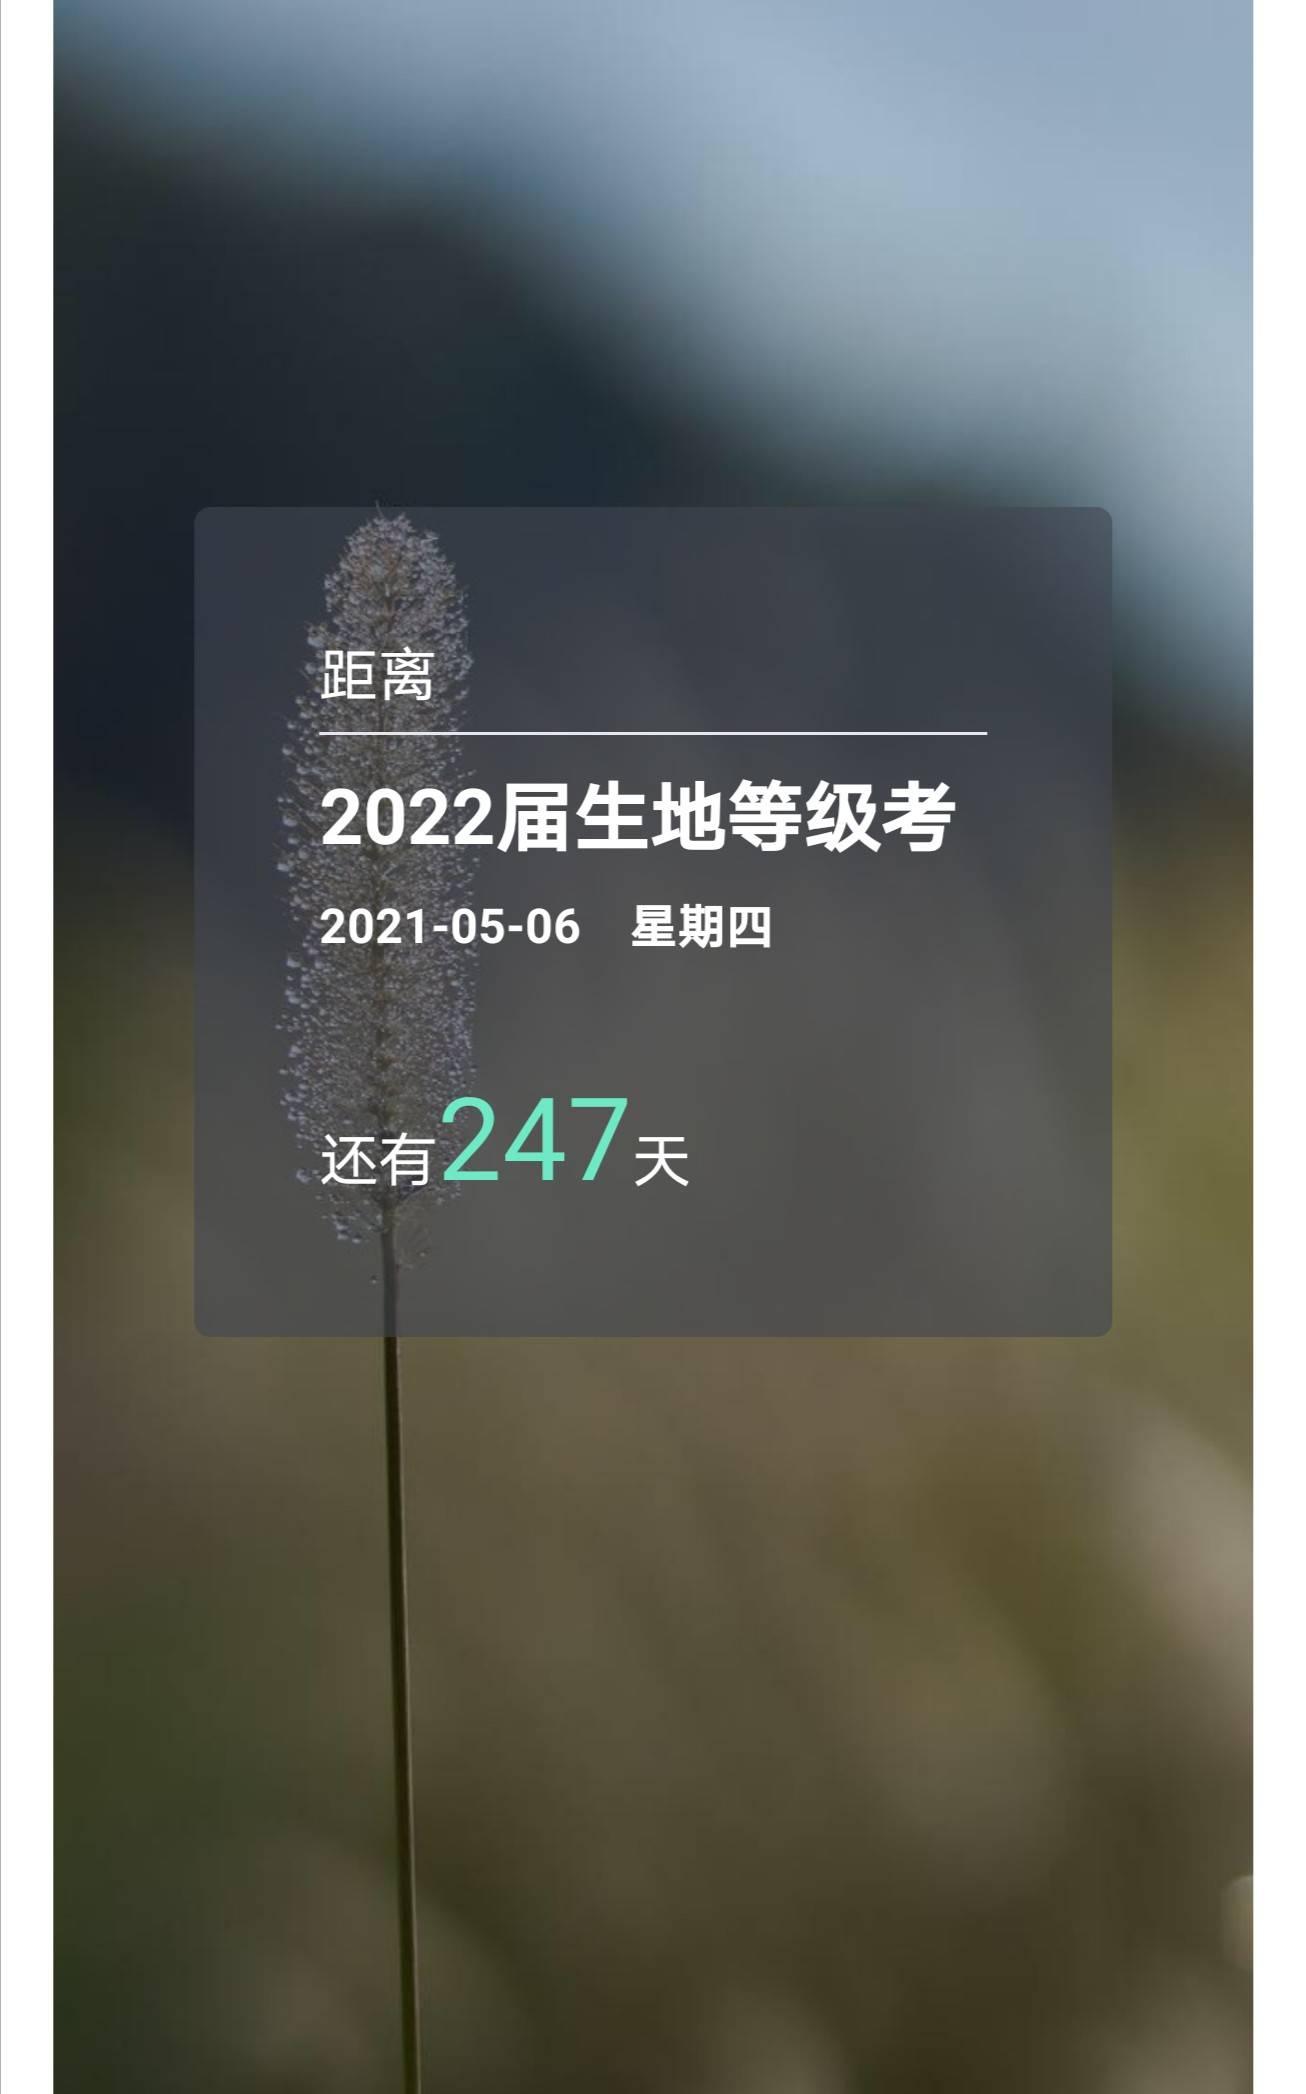 2020-09-01 07.20.23.jpg